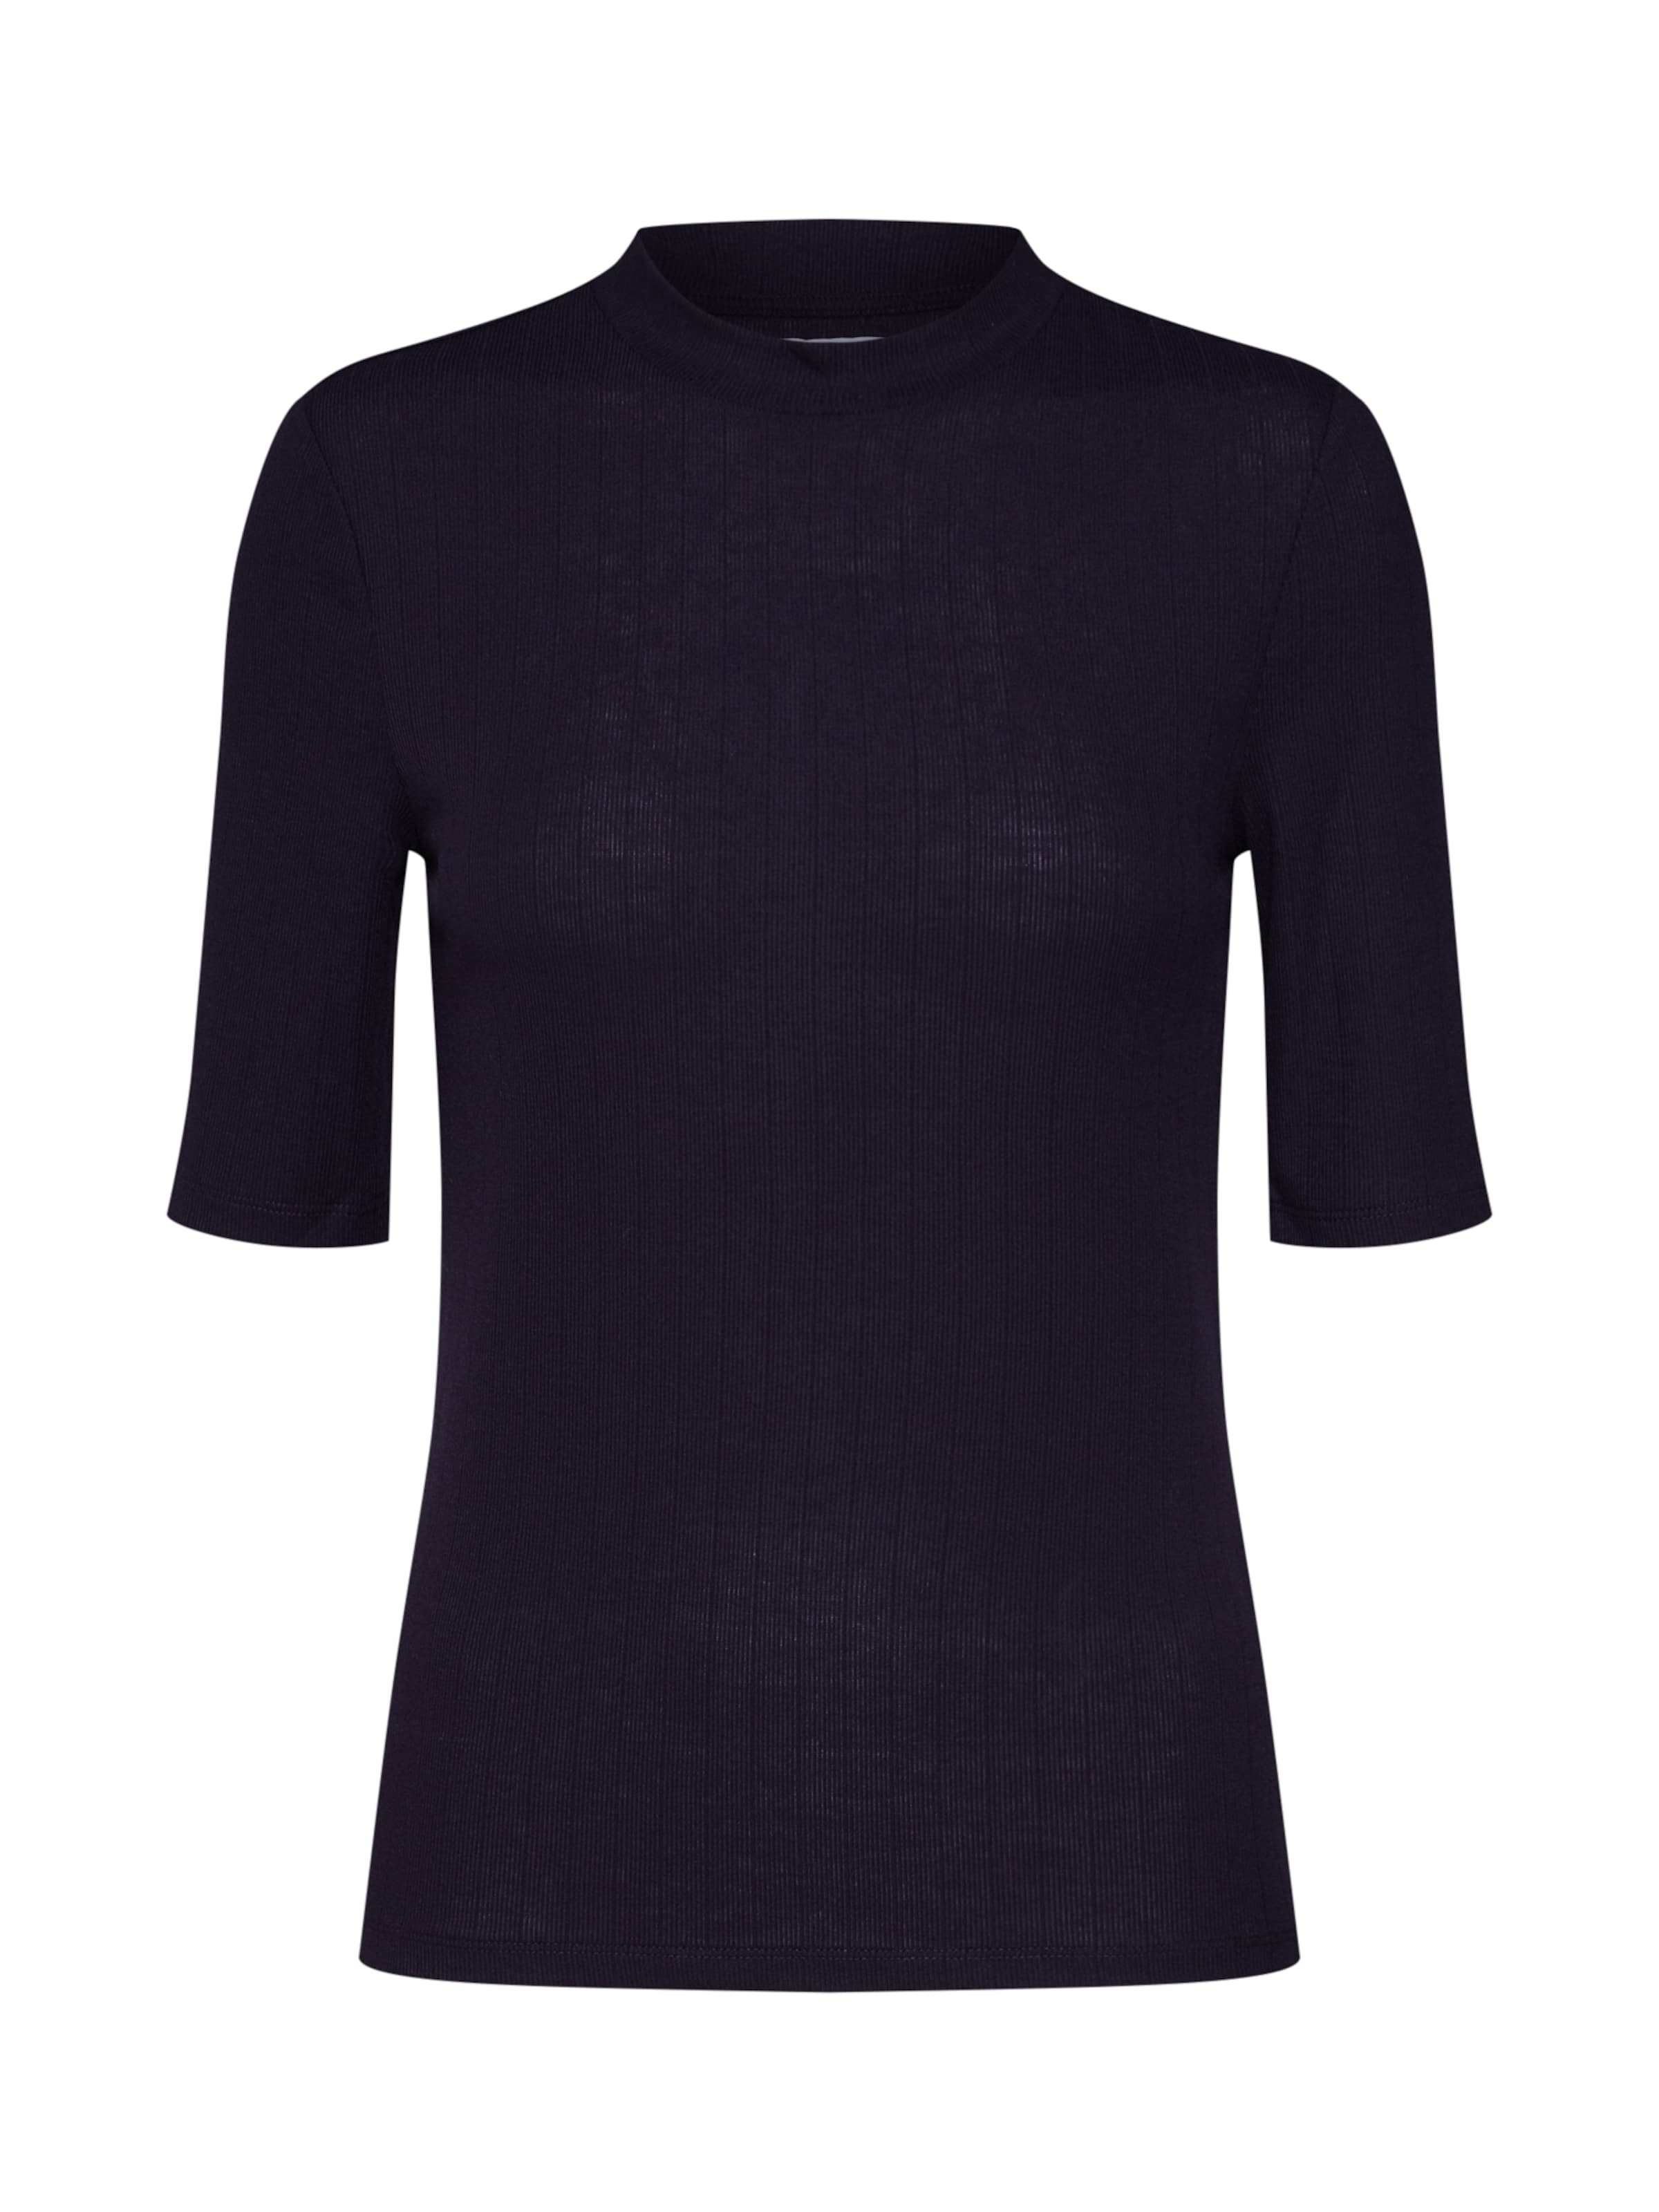 shirt T shirt T Pieces Pieces En En Moutarde Moutarde vNn8w0mO